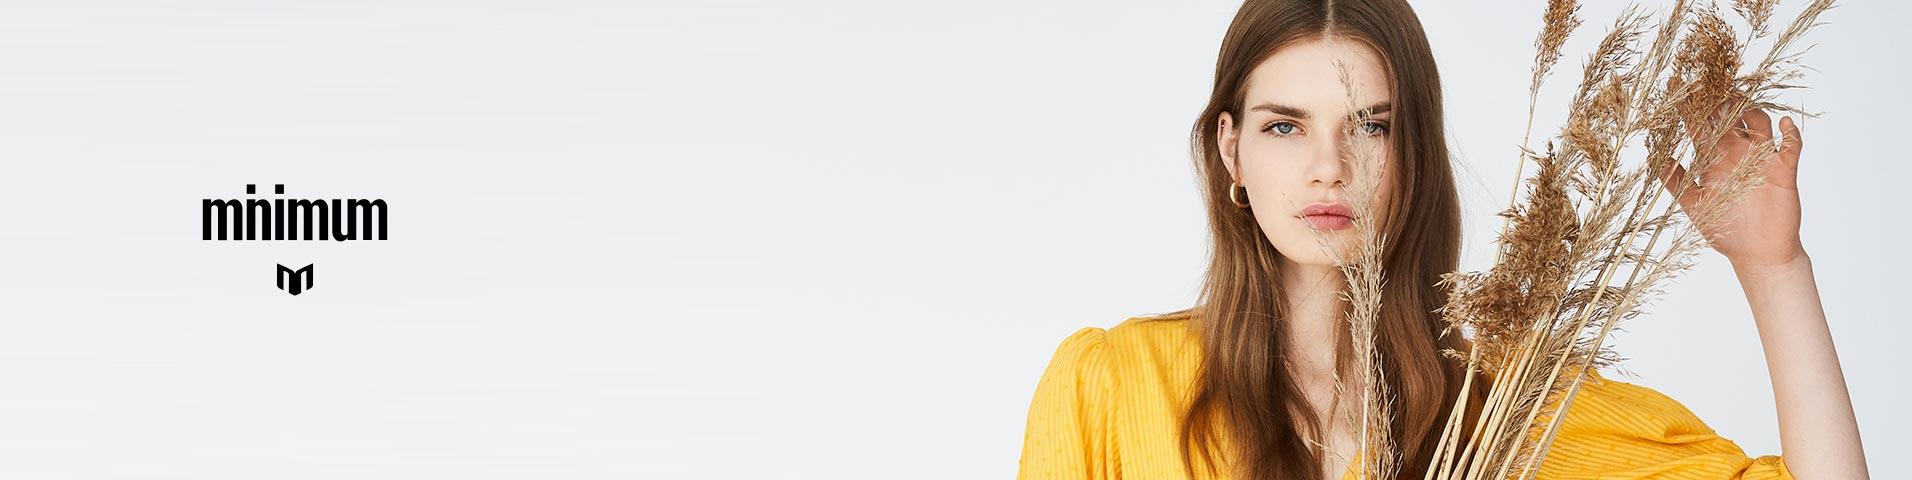 Minimum Dametøj | Kvinder | Shop tøj til kvinder online på